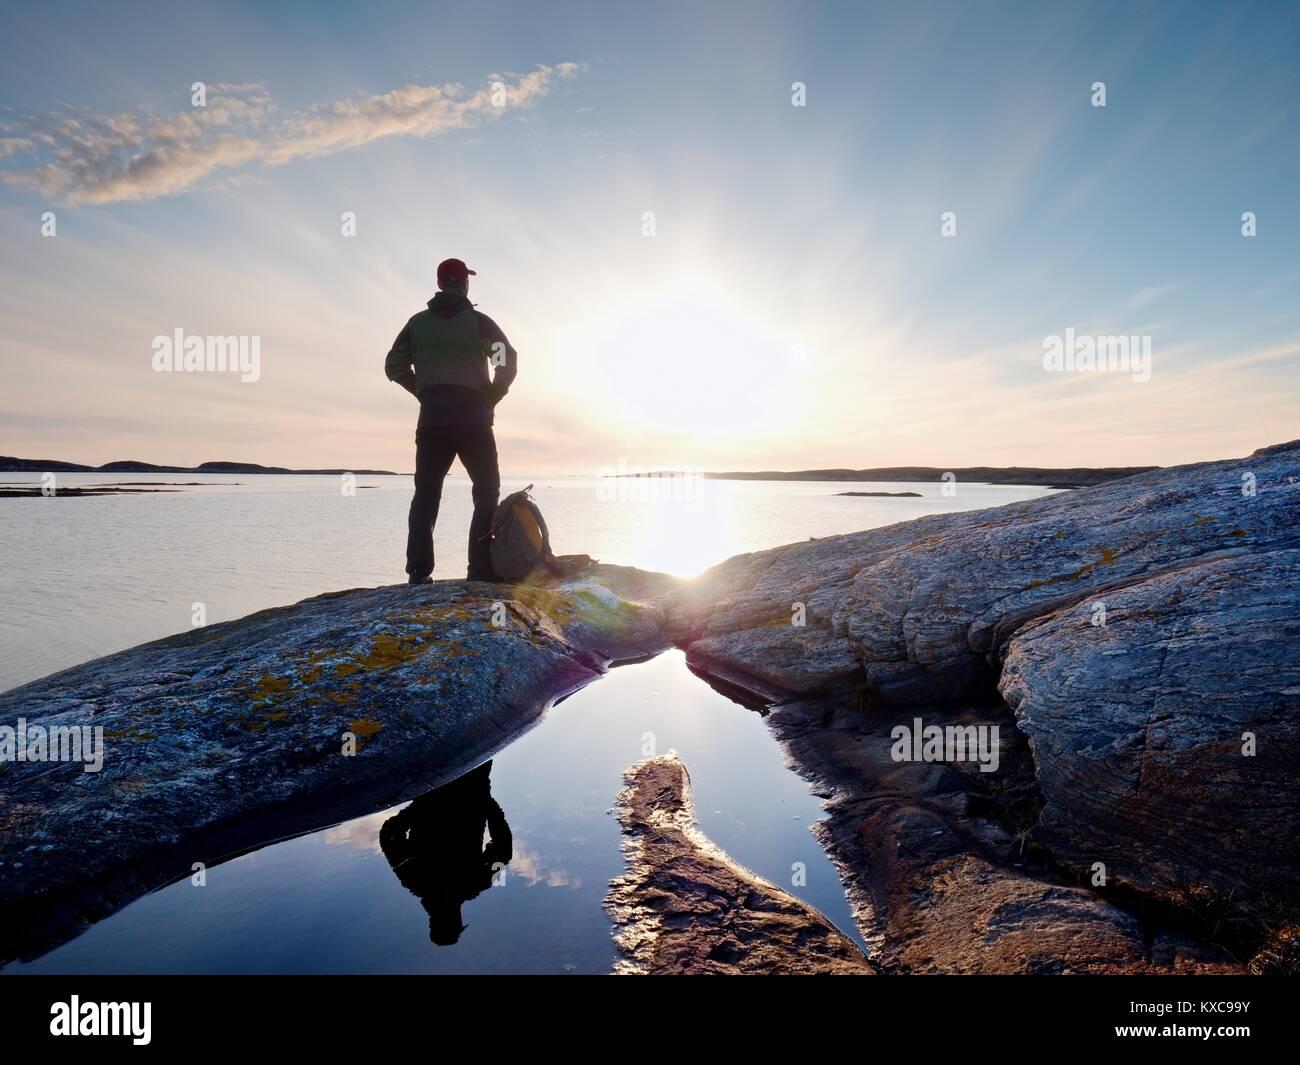 Joven Hombre de pie con mochila. Caminante sobre la piedra en la orilla del mar al atardecer cielo colorido. Hermoso Imagen De Stock